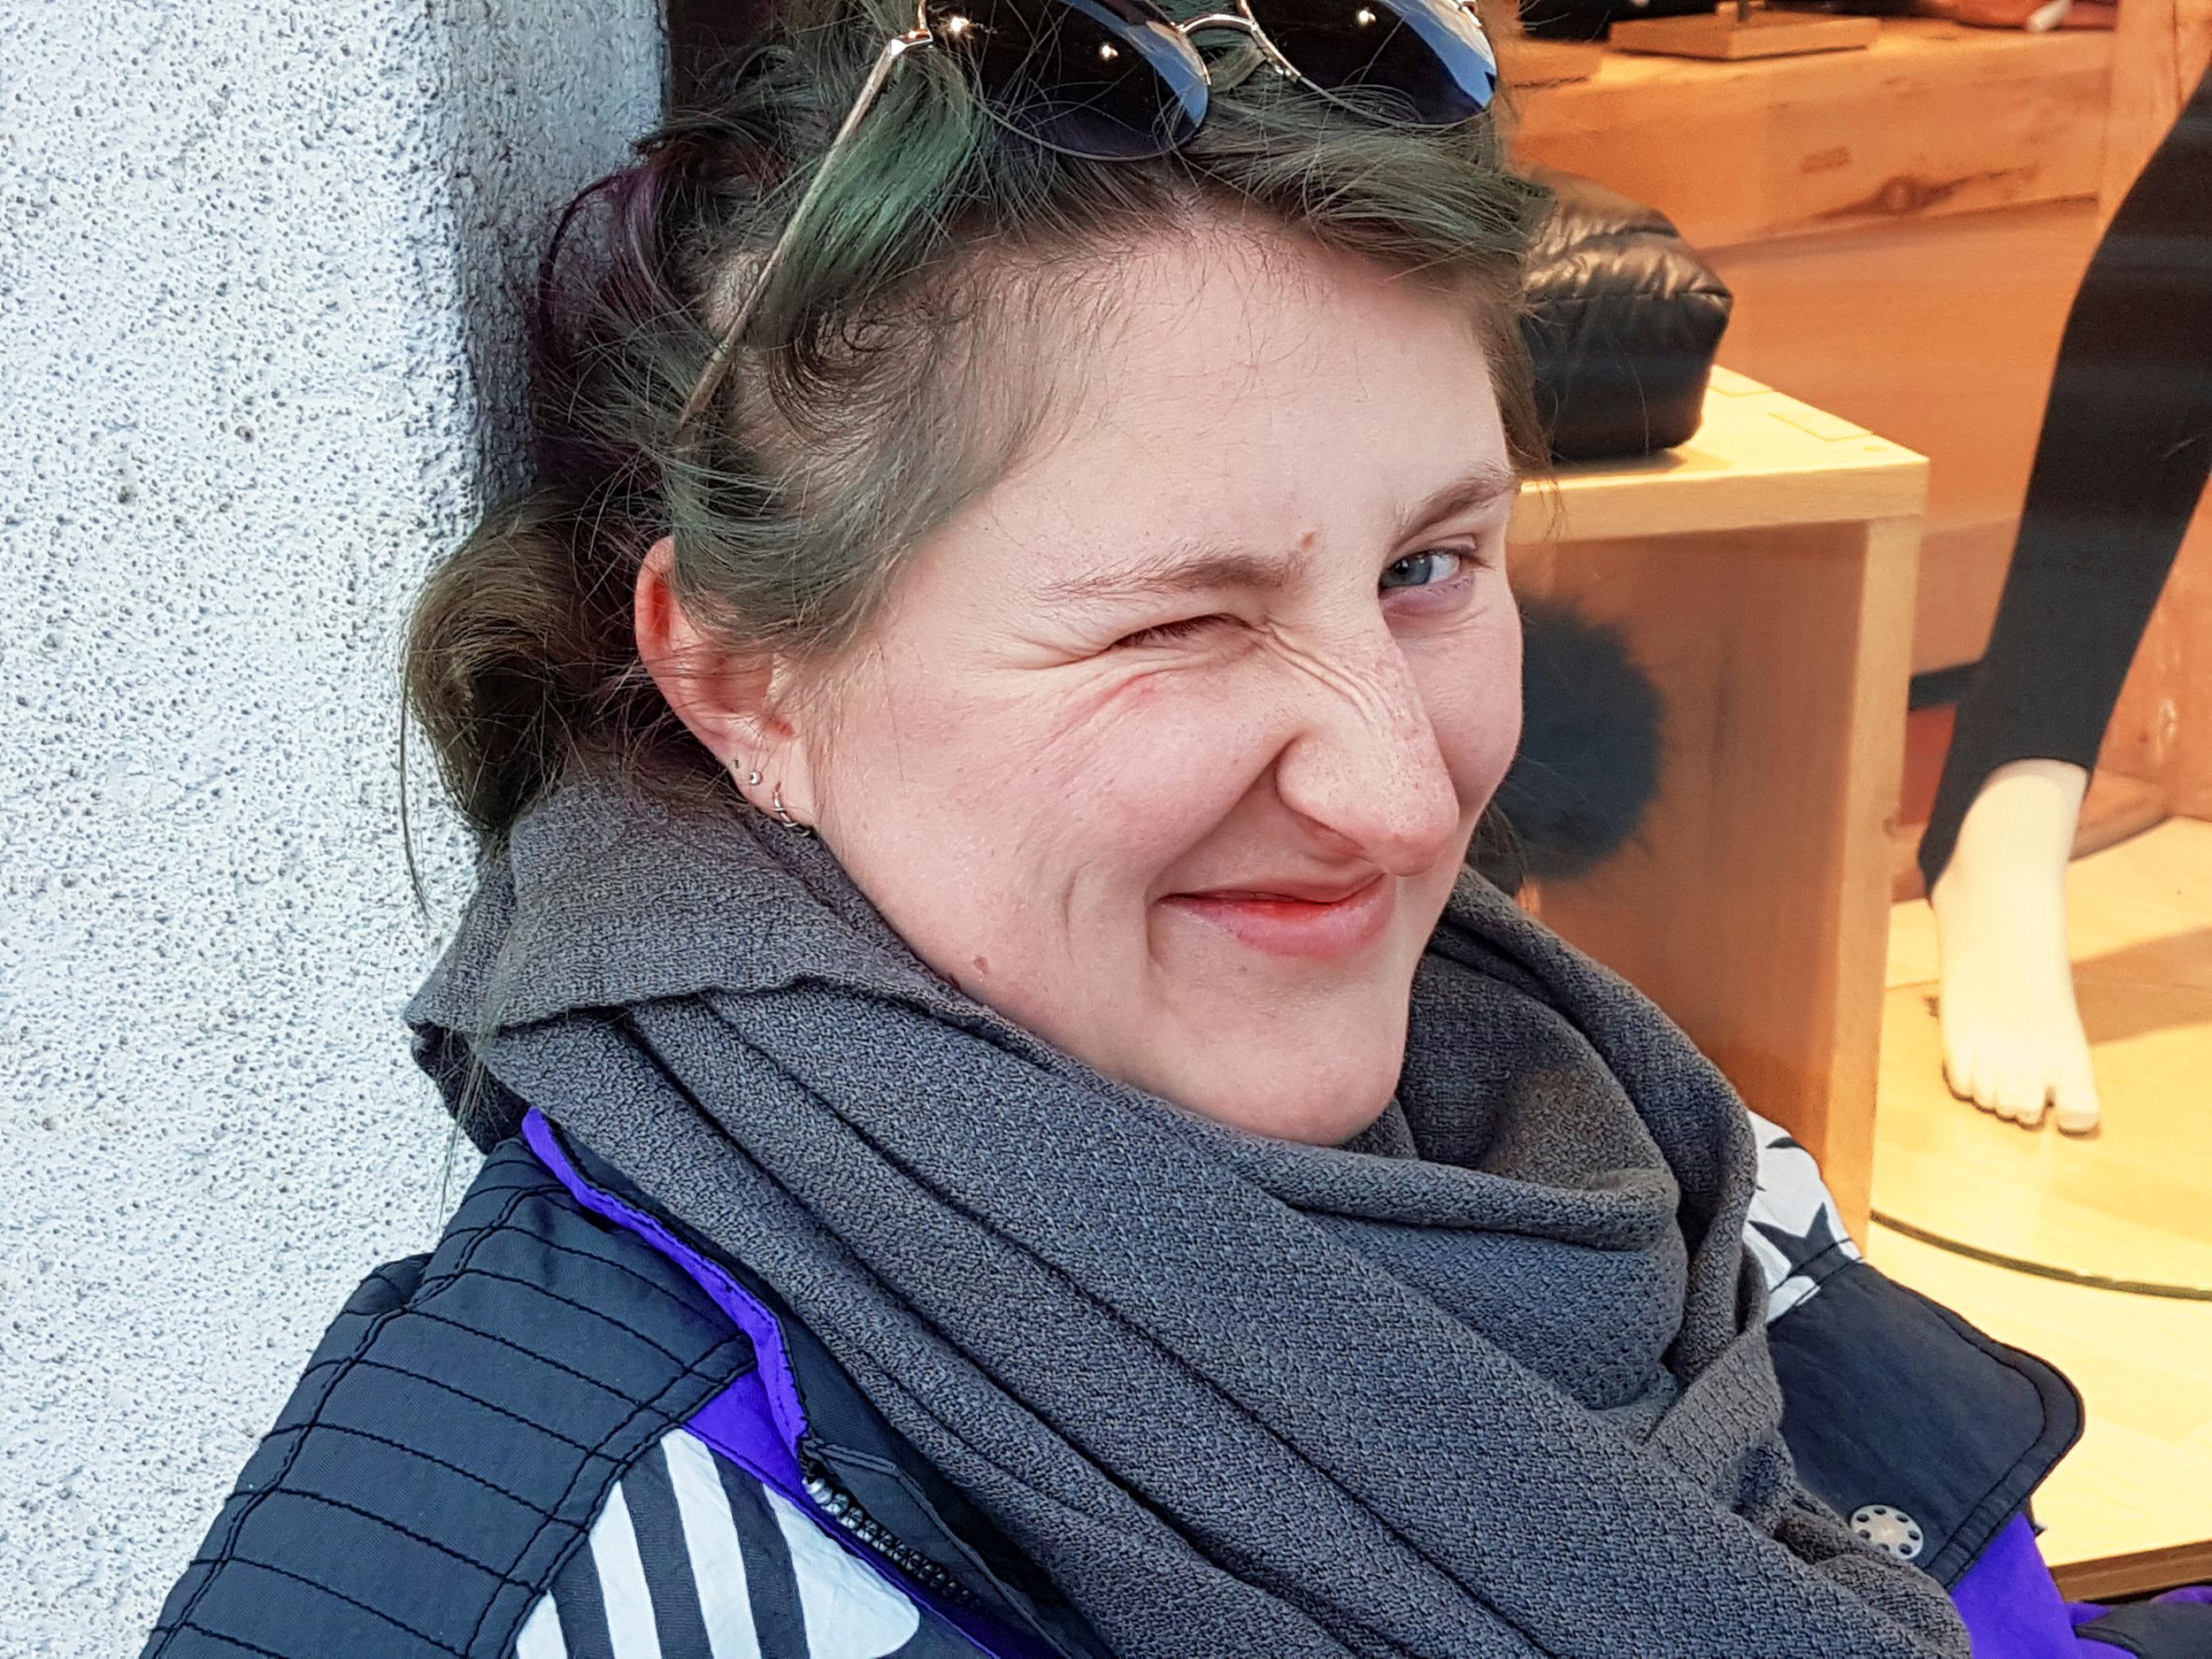 Debi - INFRASTRUKTURIch kann gut Klitoris-Ohrring machenLieblingskuchen: Veganen ZitronenkuchenLieblingstier: Hase und Karpfedeborah@milchjugend.ch